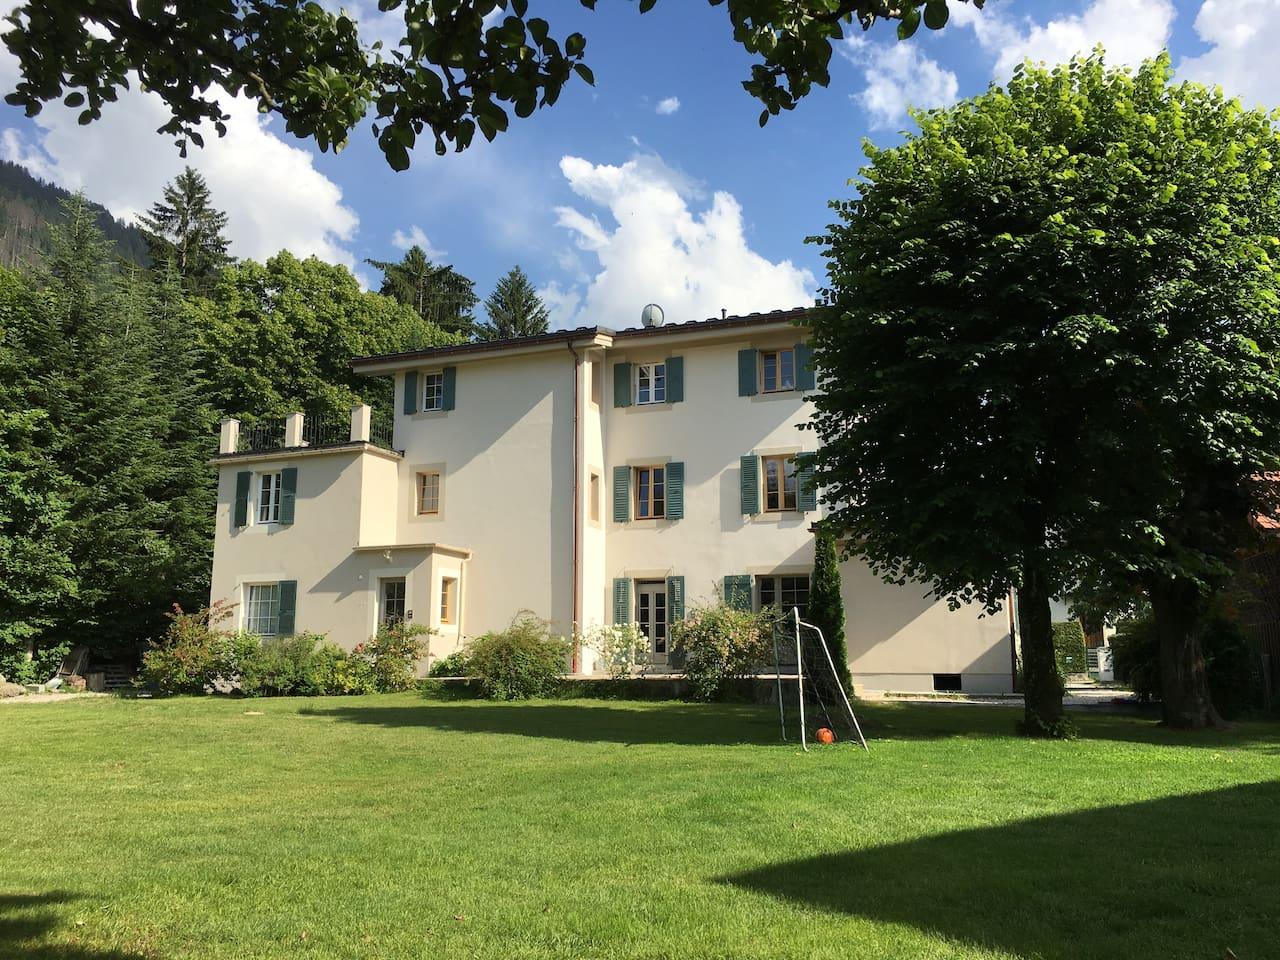 Villa Les Marguerites - The North Face